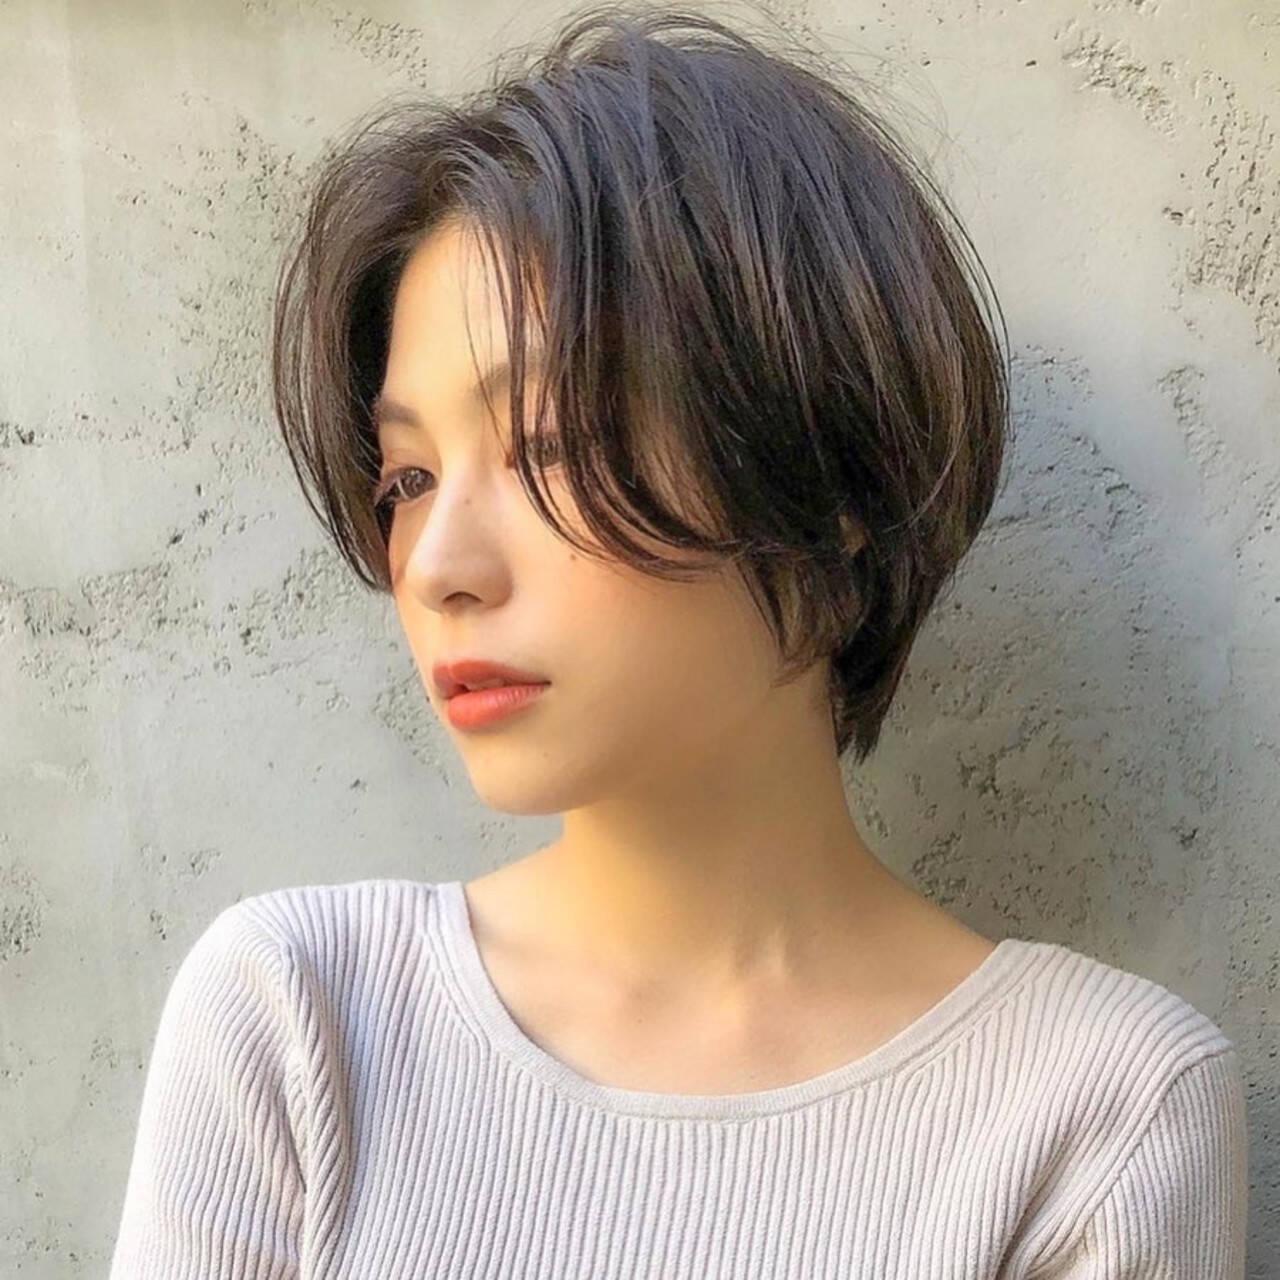 ナチュラル ベリーショート ミニボブ ショートボブヘアスタイルや髪型の写真・画像